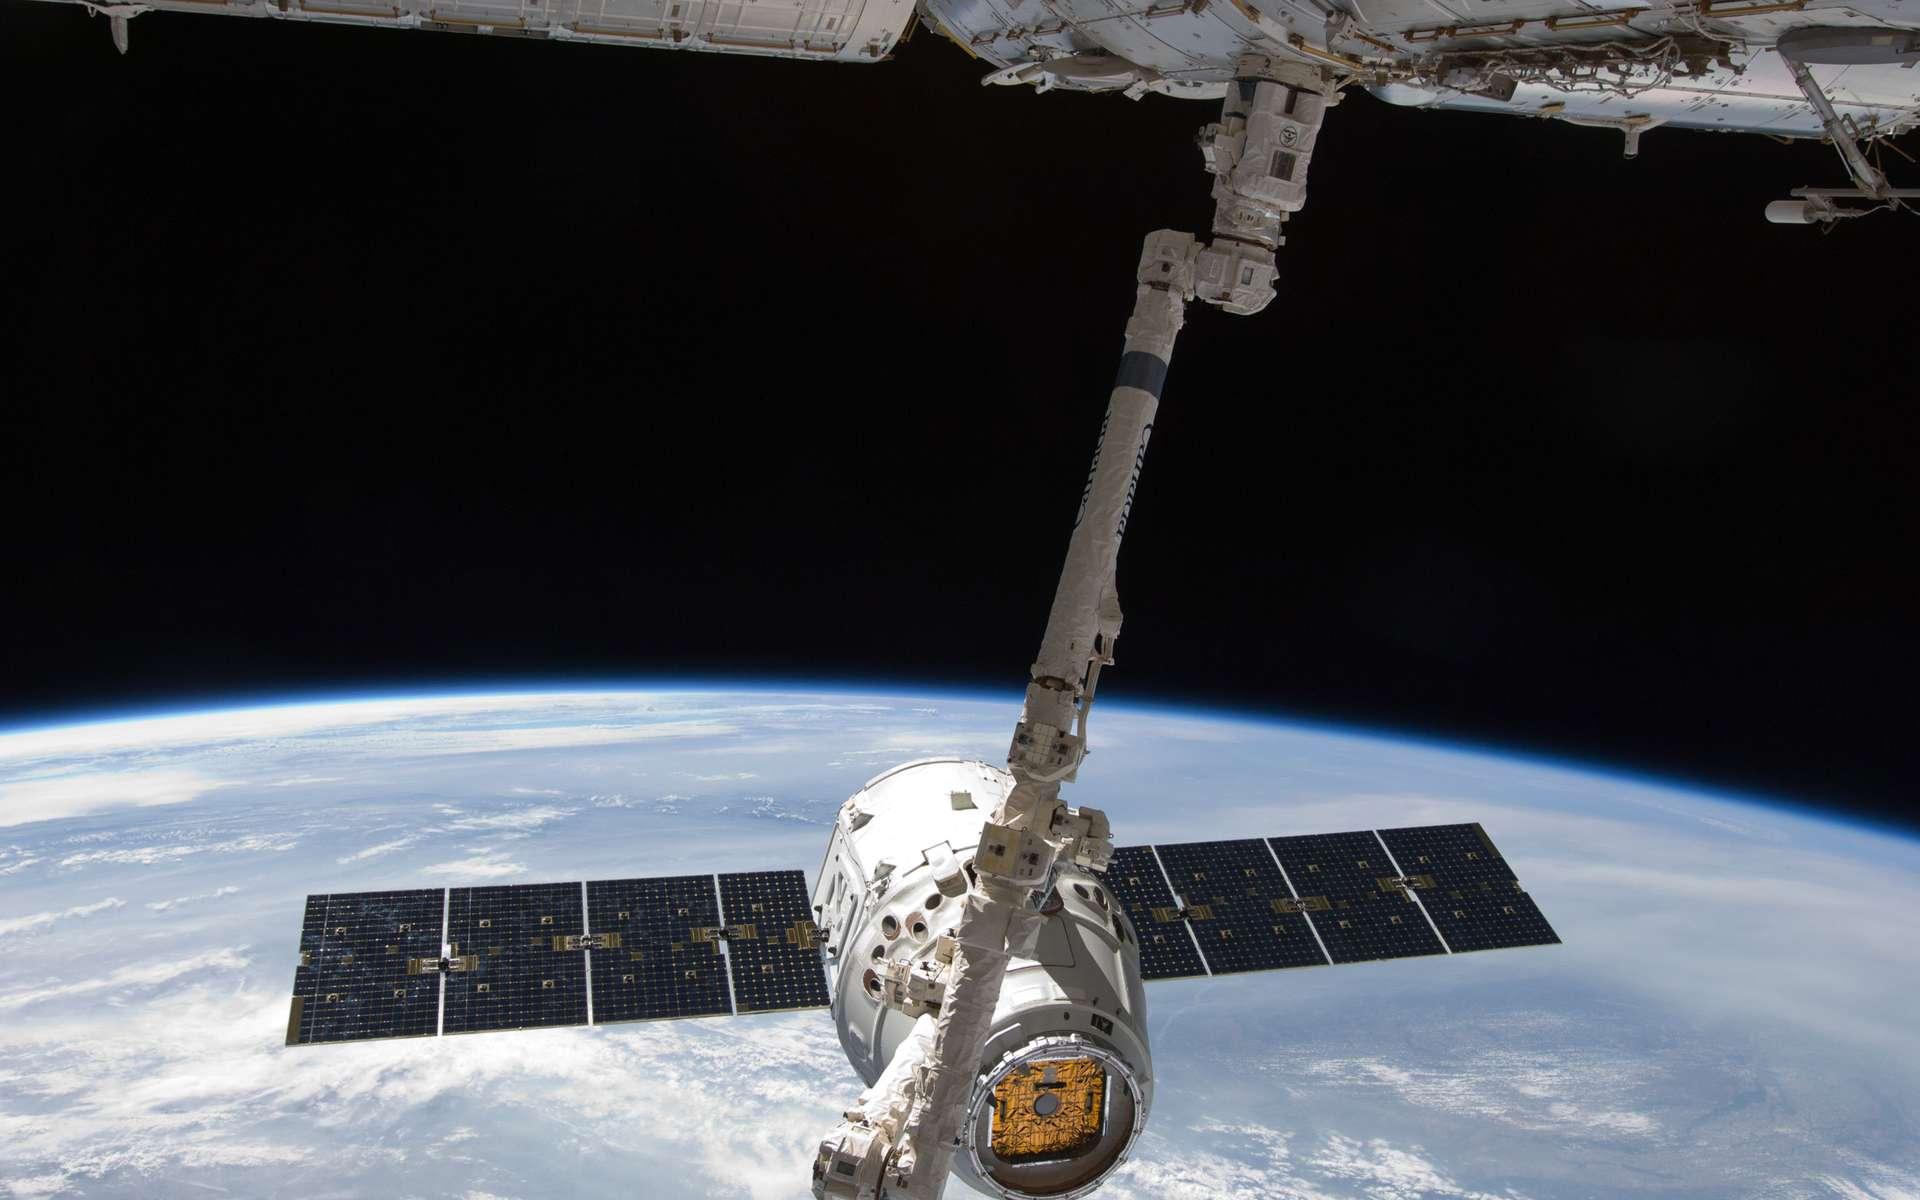 Avec son système de lancement, SpaceX fait le pari d'un accès fiable et économique à l'espace. Une aubaine pour la Nasa qui peut se concentrer sur le développement d'un lanceur lourd et d'une capsule habitée pour l'exploration. © Nasa